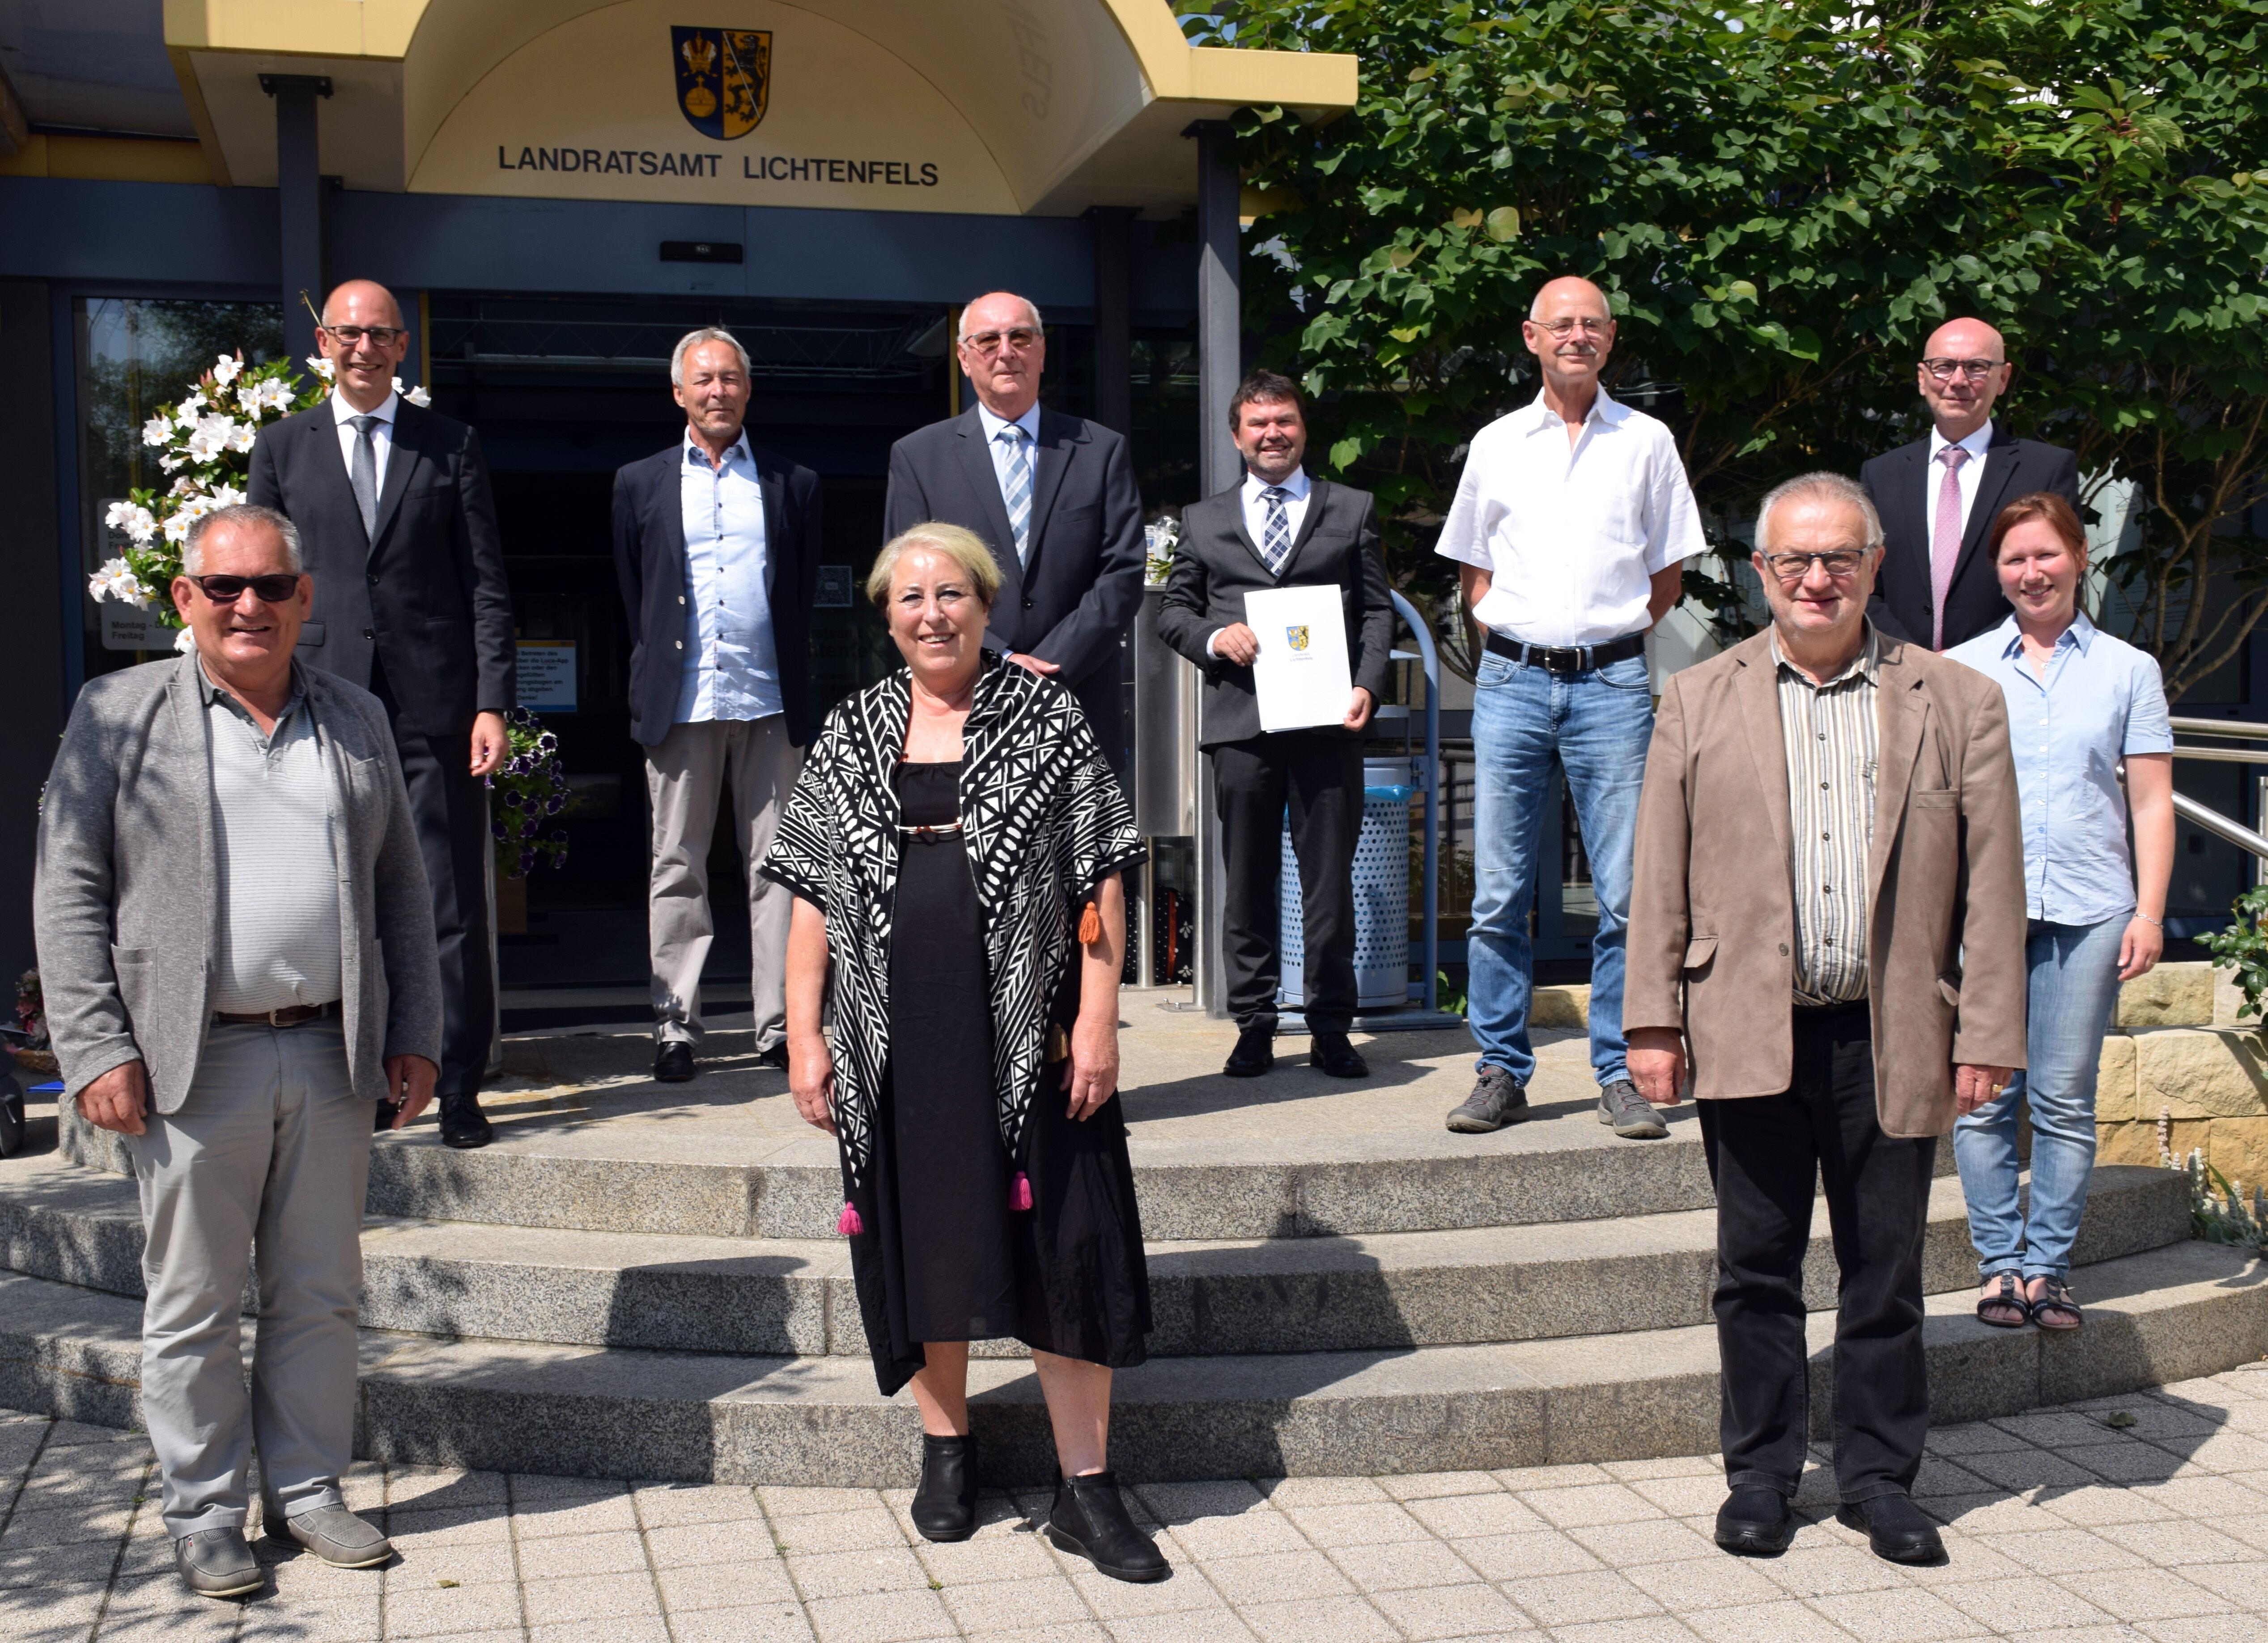 Die verabschiedeten Kreisrätinnen und Kreisräte von SPD und Bündnis90/Die Grünen. Foto: Landratsamt Lichtenfels/Heidi Bauer